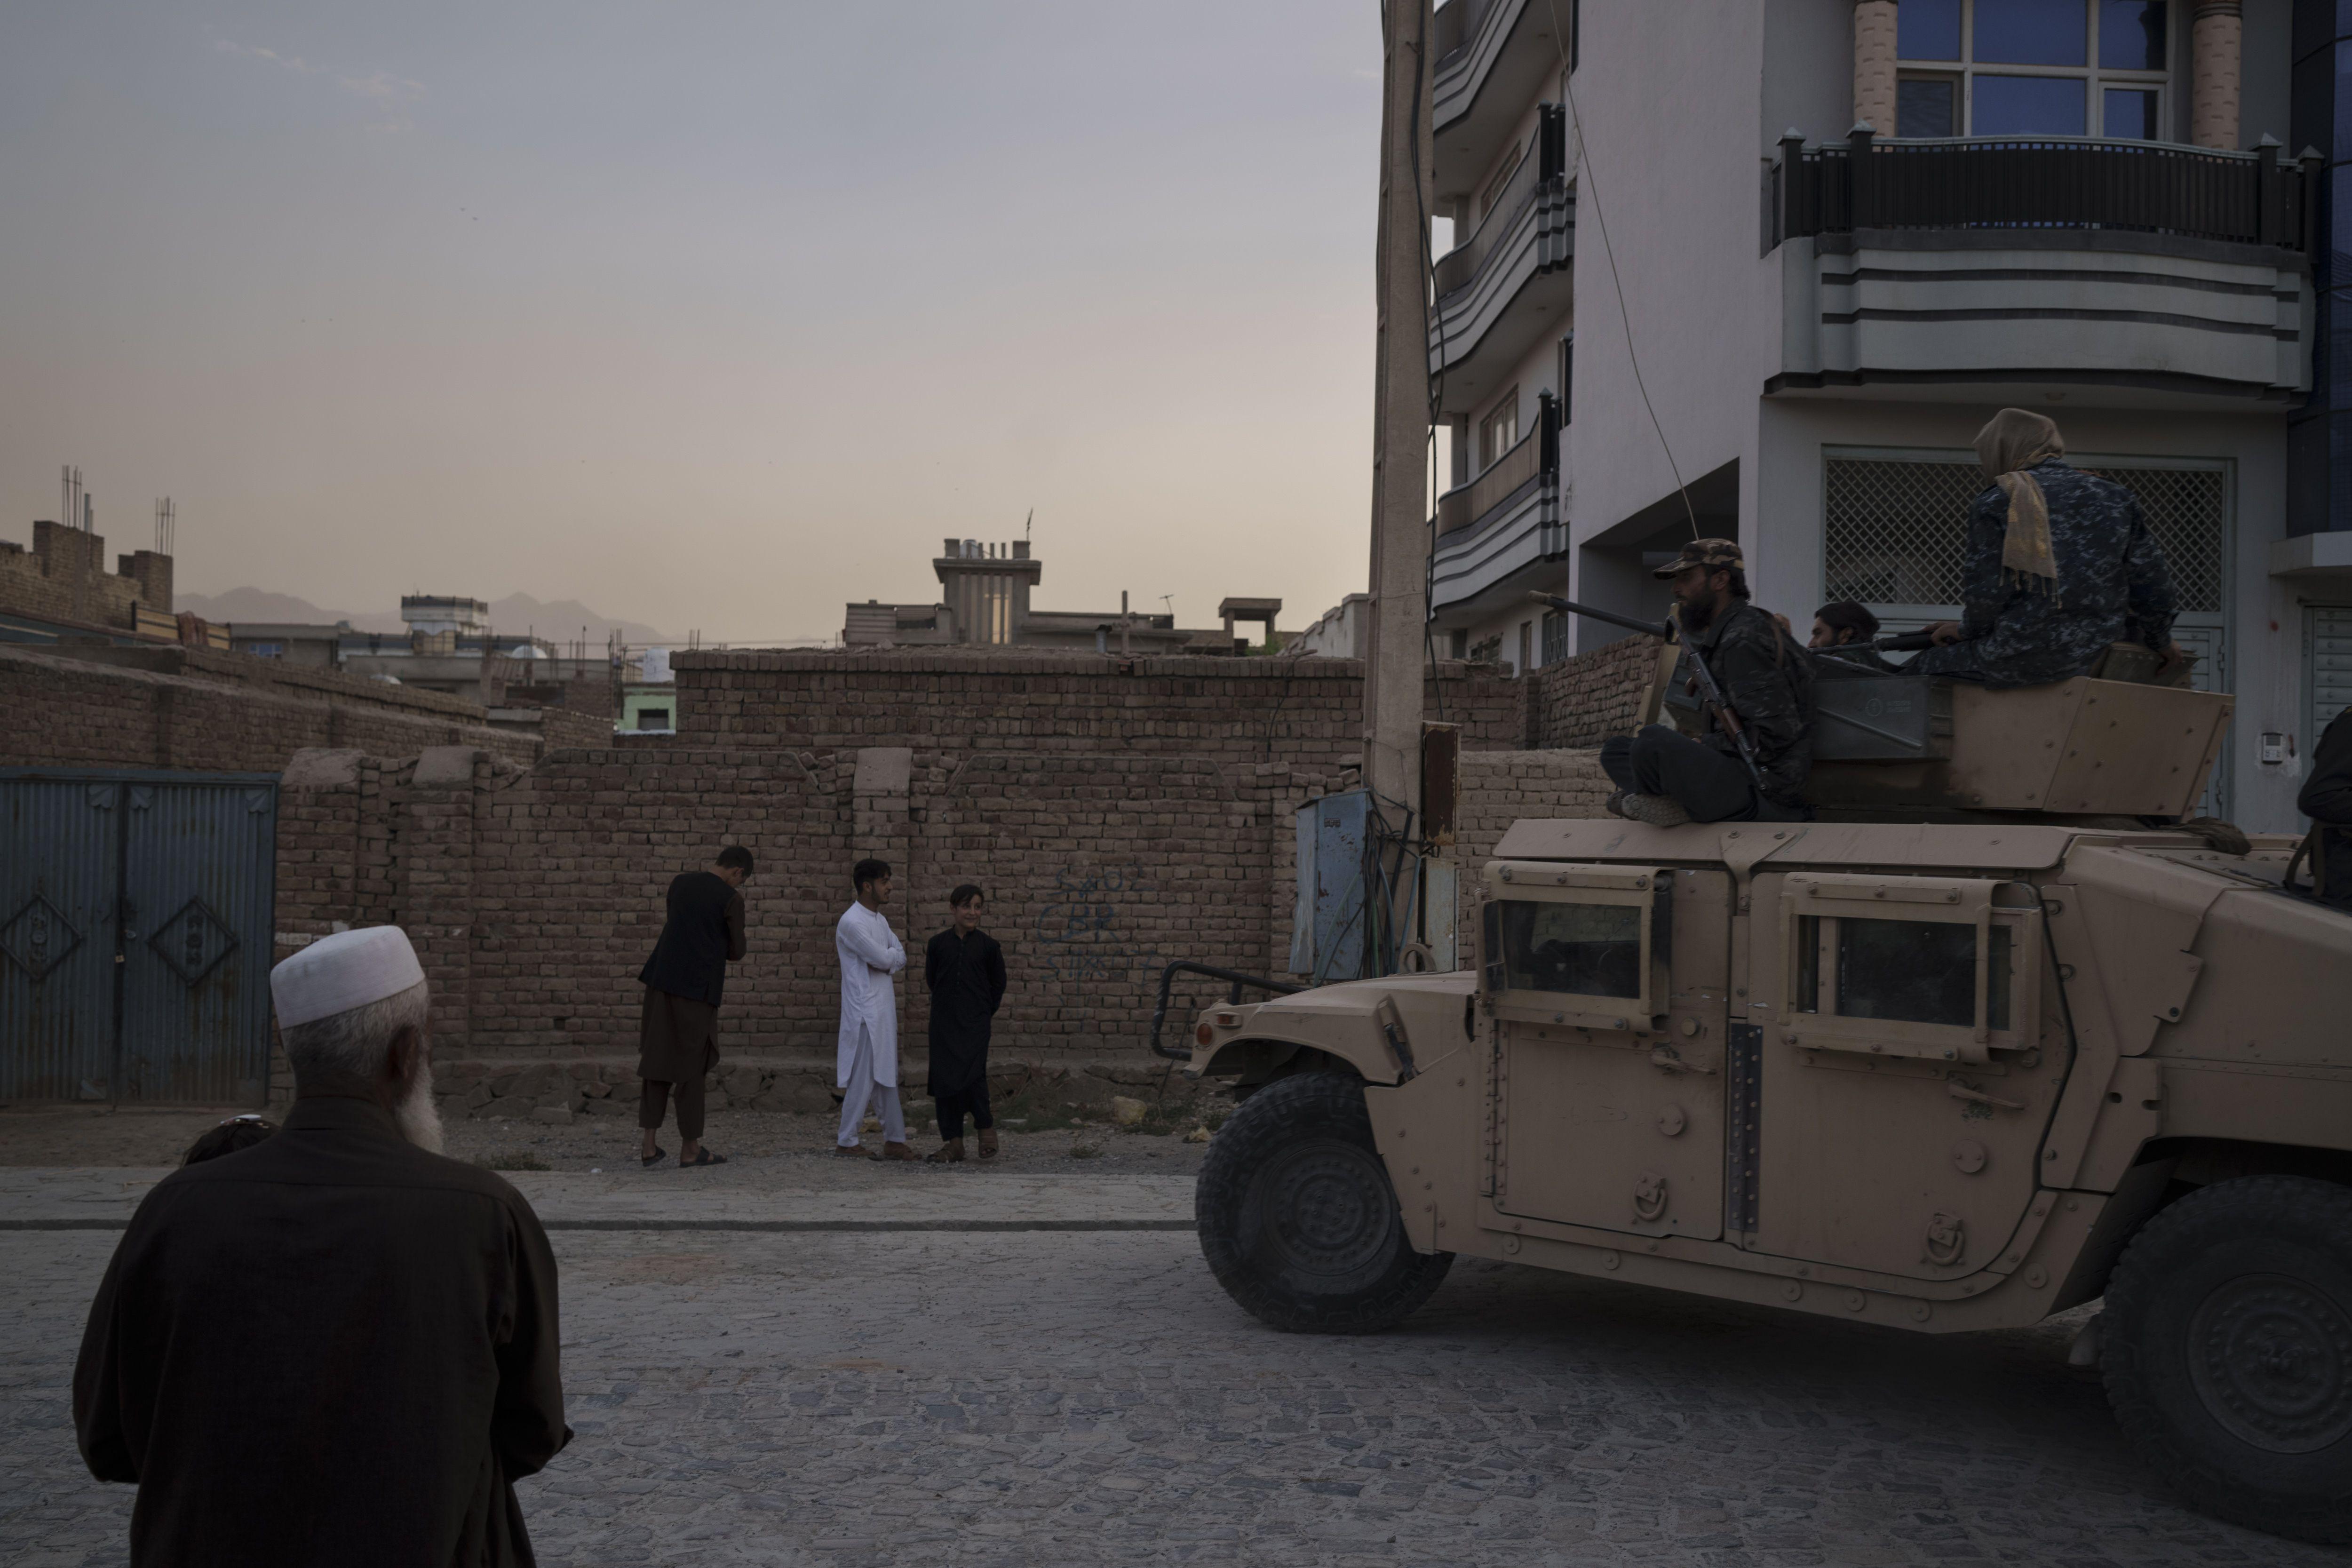 funcionario: eeuu y taliban hablaran sobre evacuaciones